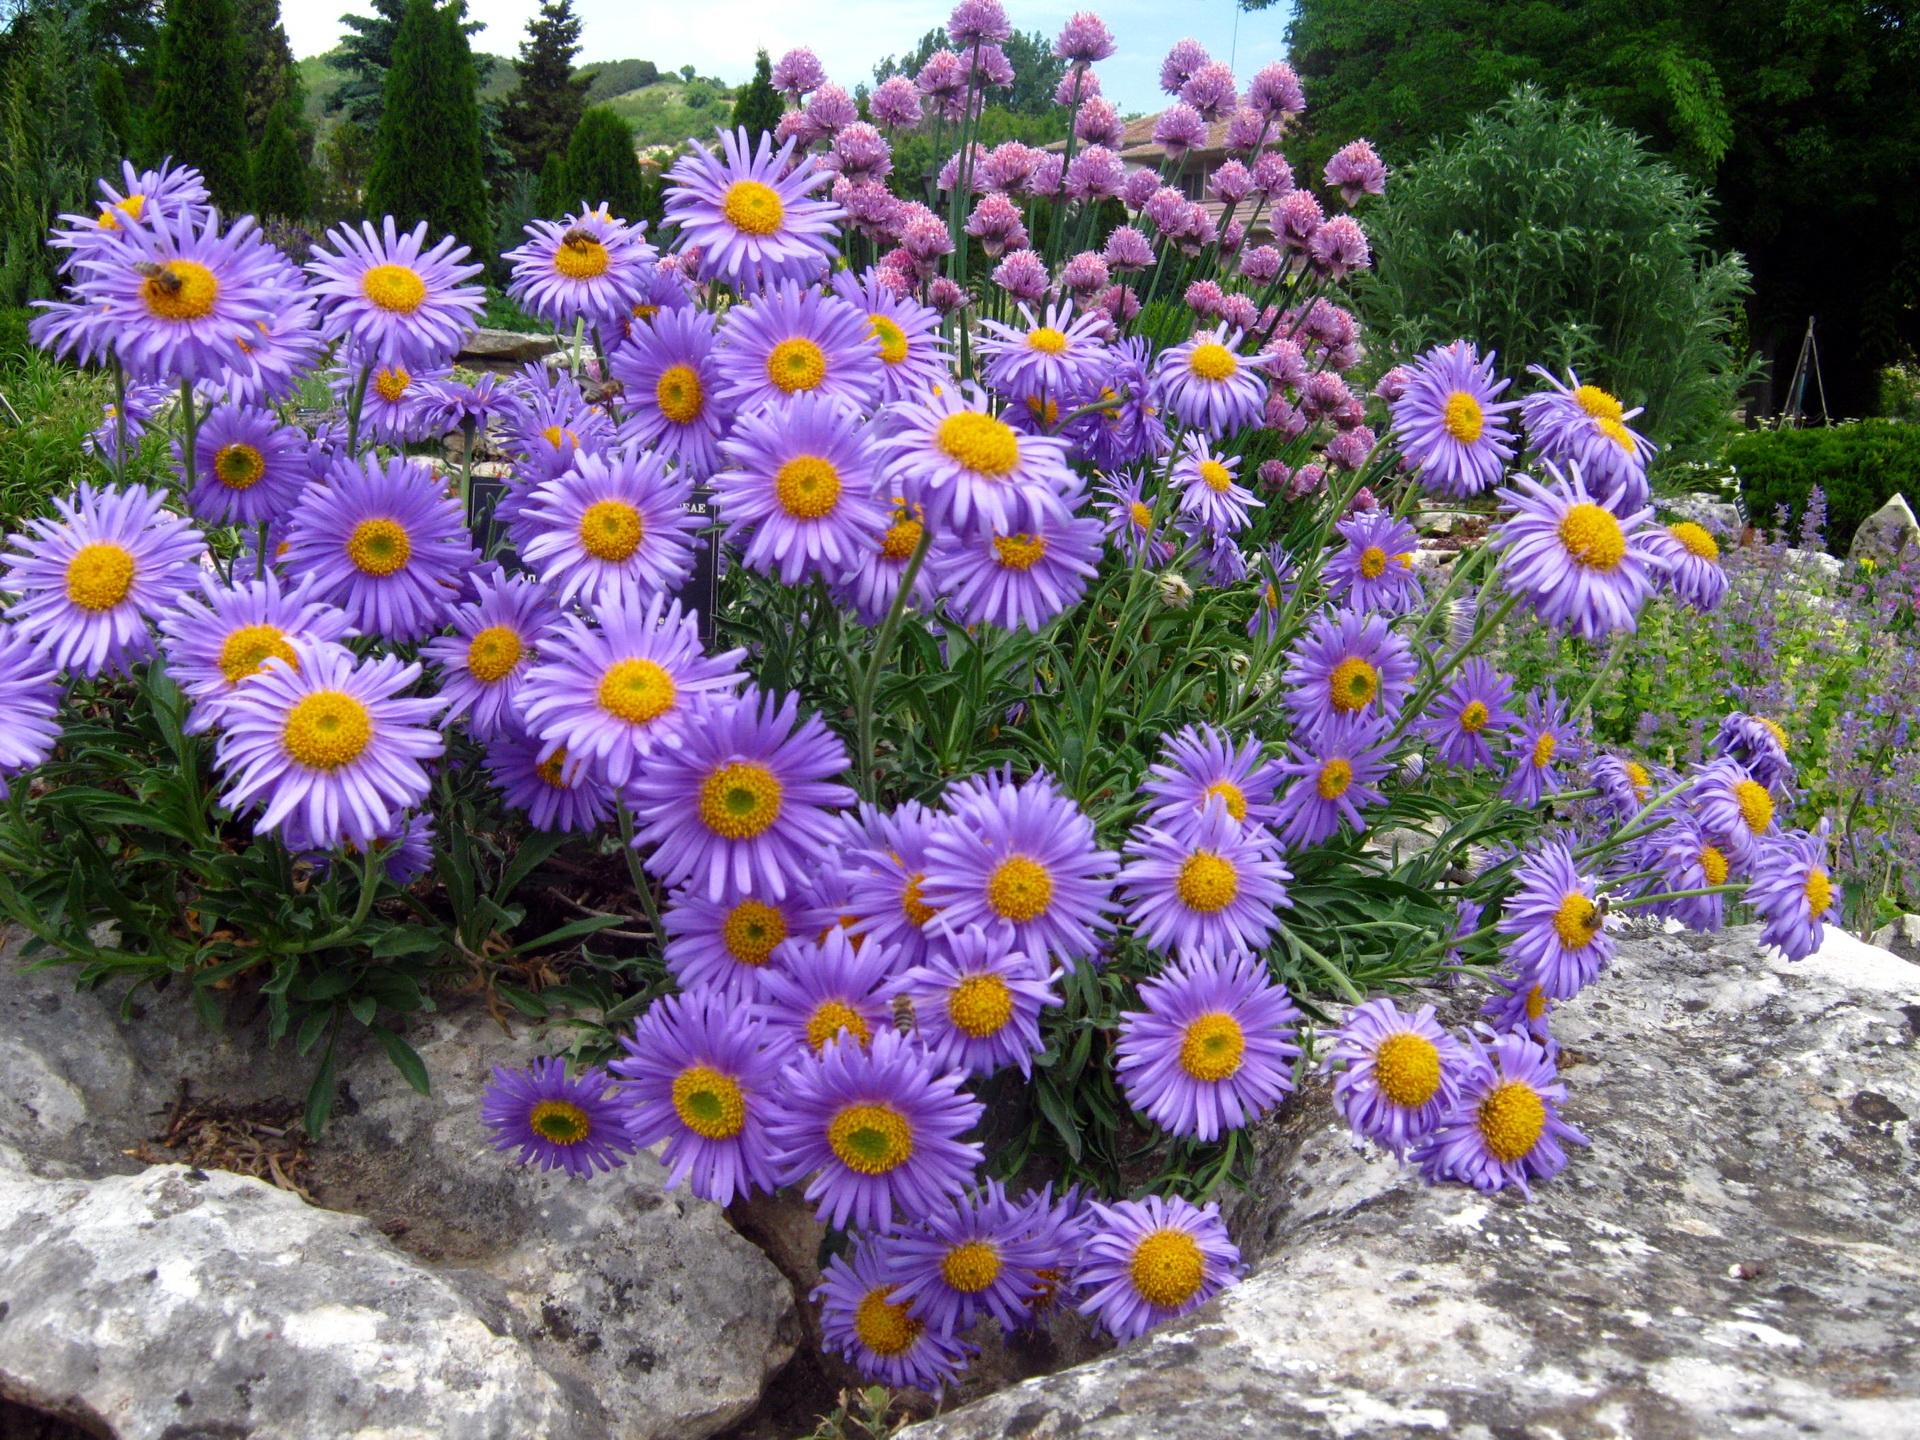 97888 Salvapantallas y fondos de pantalla Flores en tu teléfono. Descarga imágenes de Flores, Ásteres, Aster, Una Roca, Piedra, El Parque, Parque, Relajación, Reposo gratis